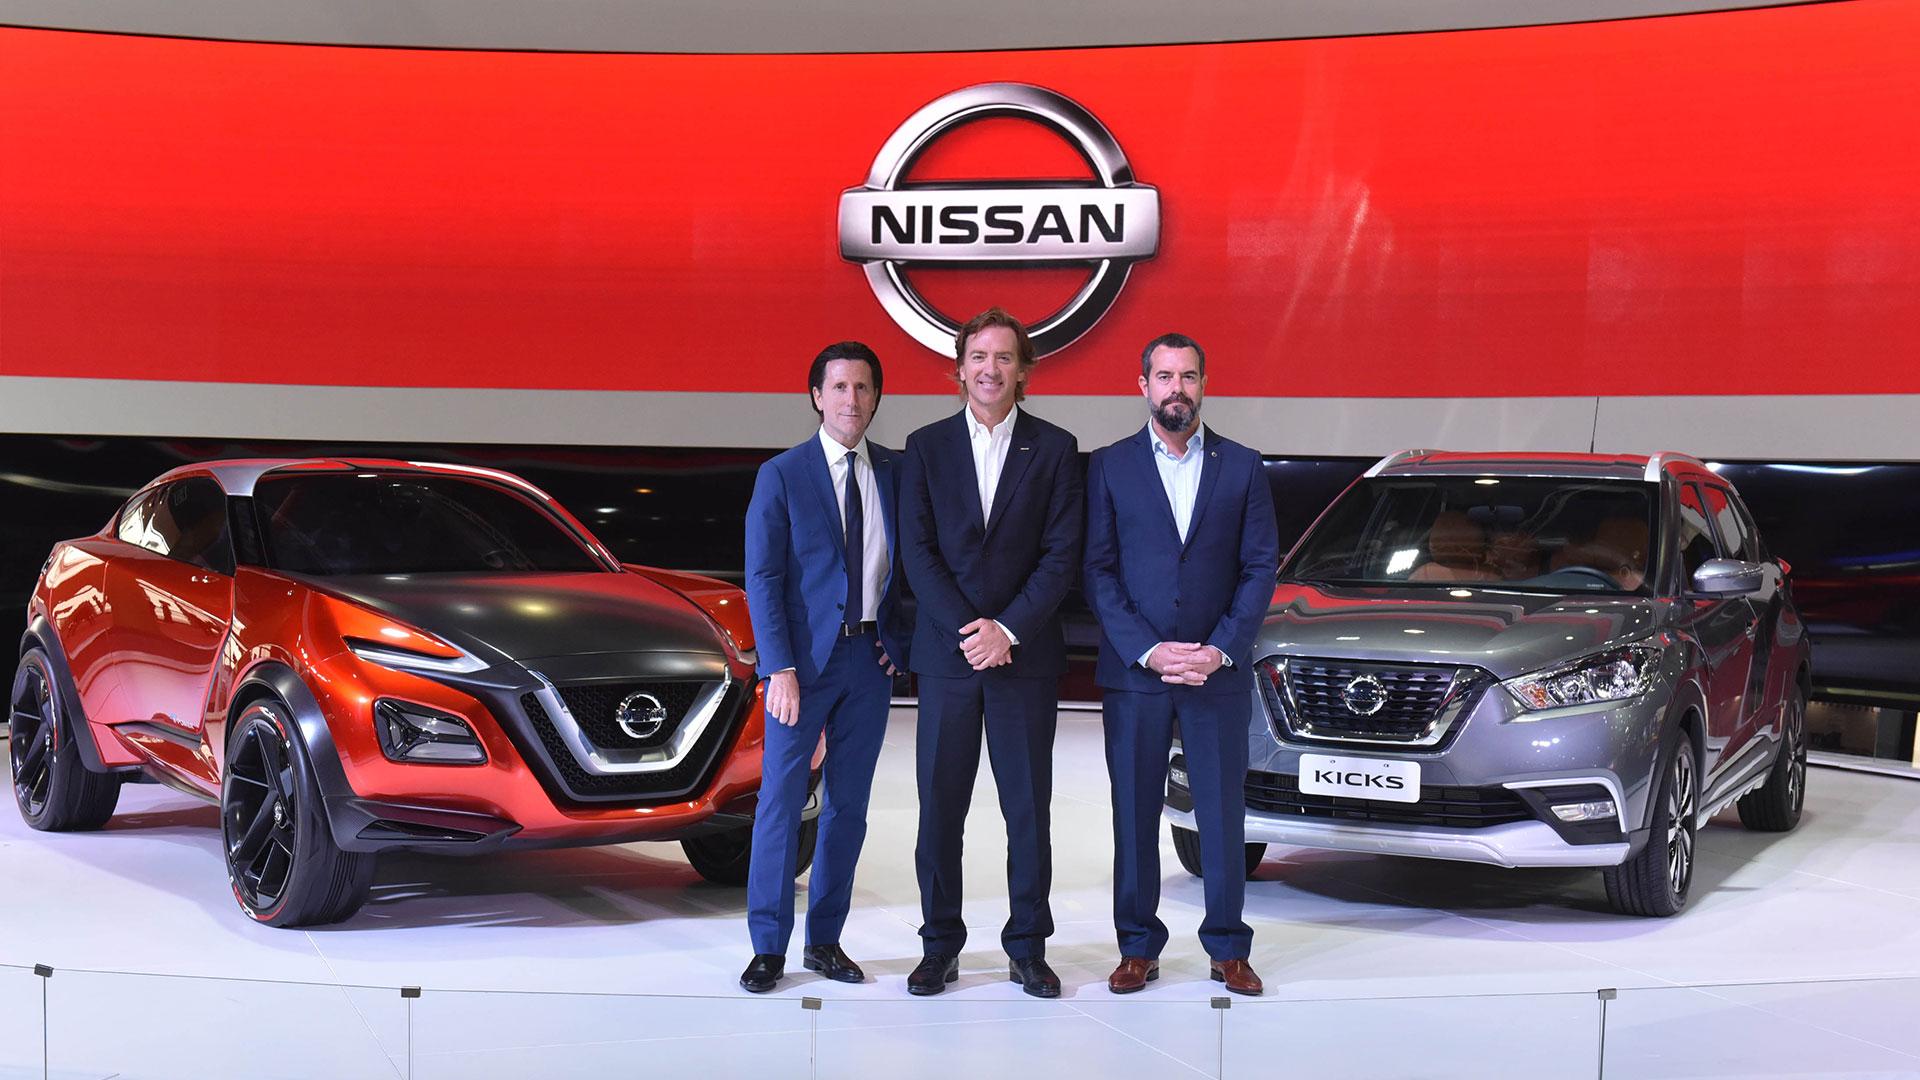 Alfonso Albaisa (Vicepresidente Senior de Diseño, Global), José Luis Valls (Chairman para Latinoamerica) y Diego Vignati (Director General Nissan Argentina) junto al Nissan Gripz Concept y al nuevo Nissan Kicks